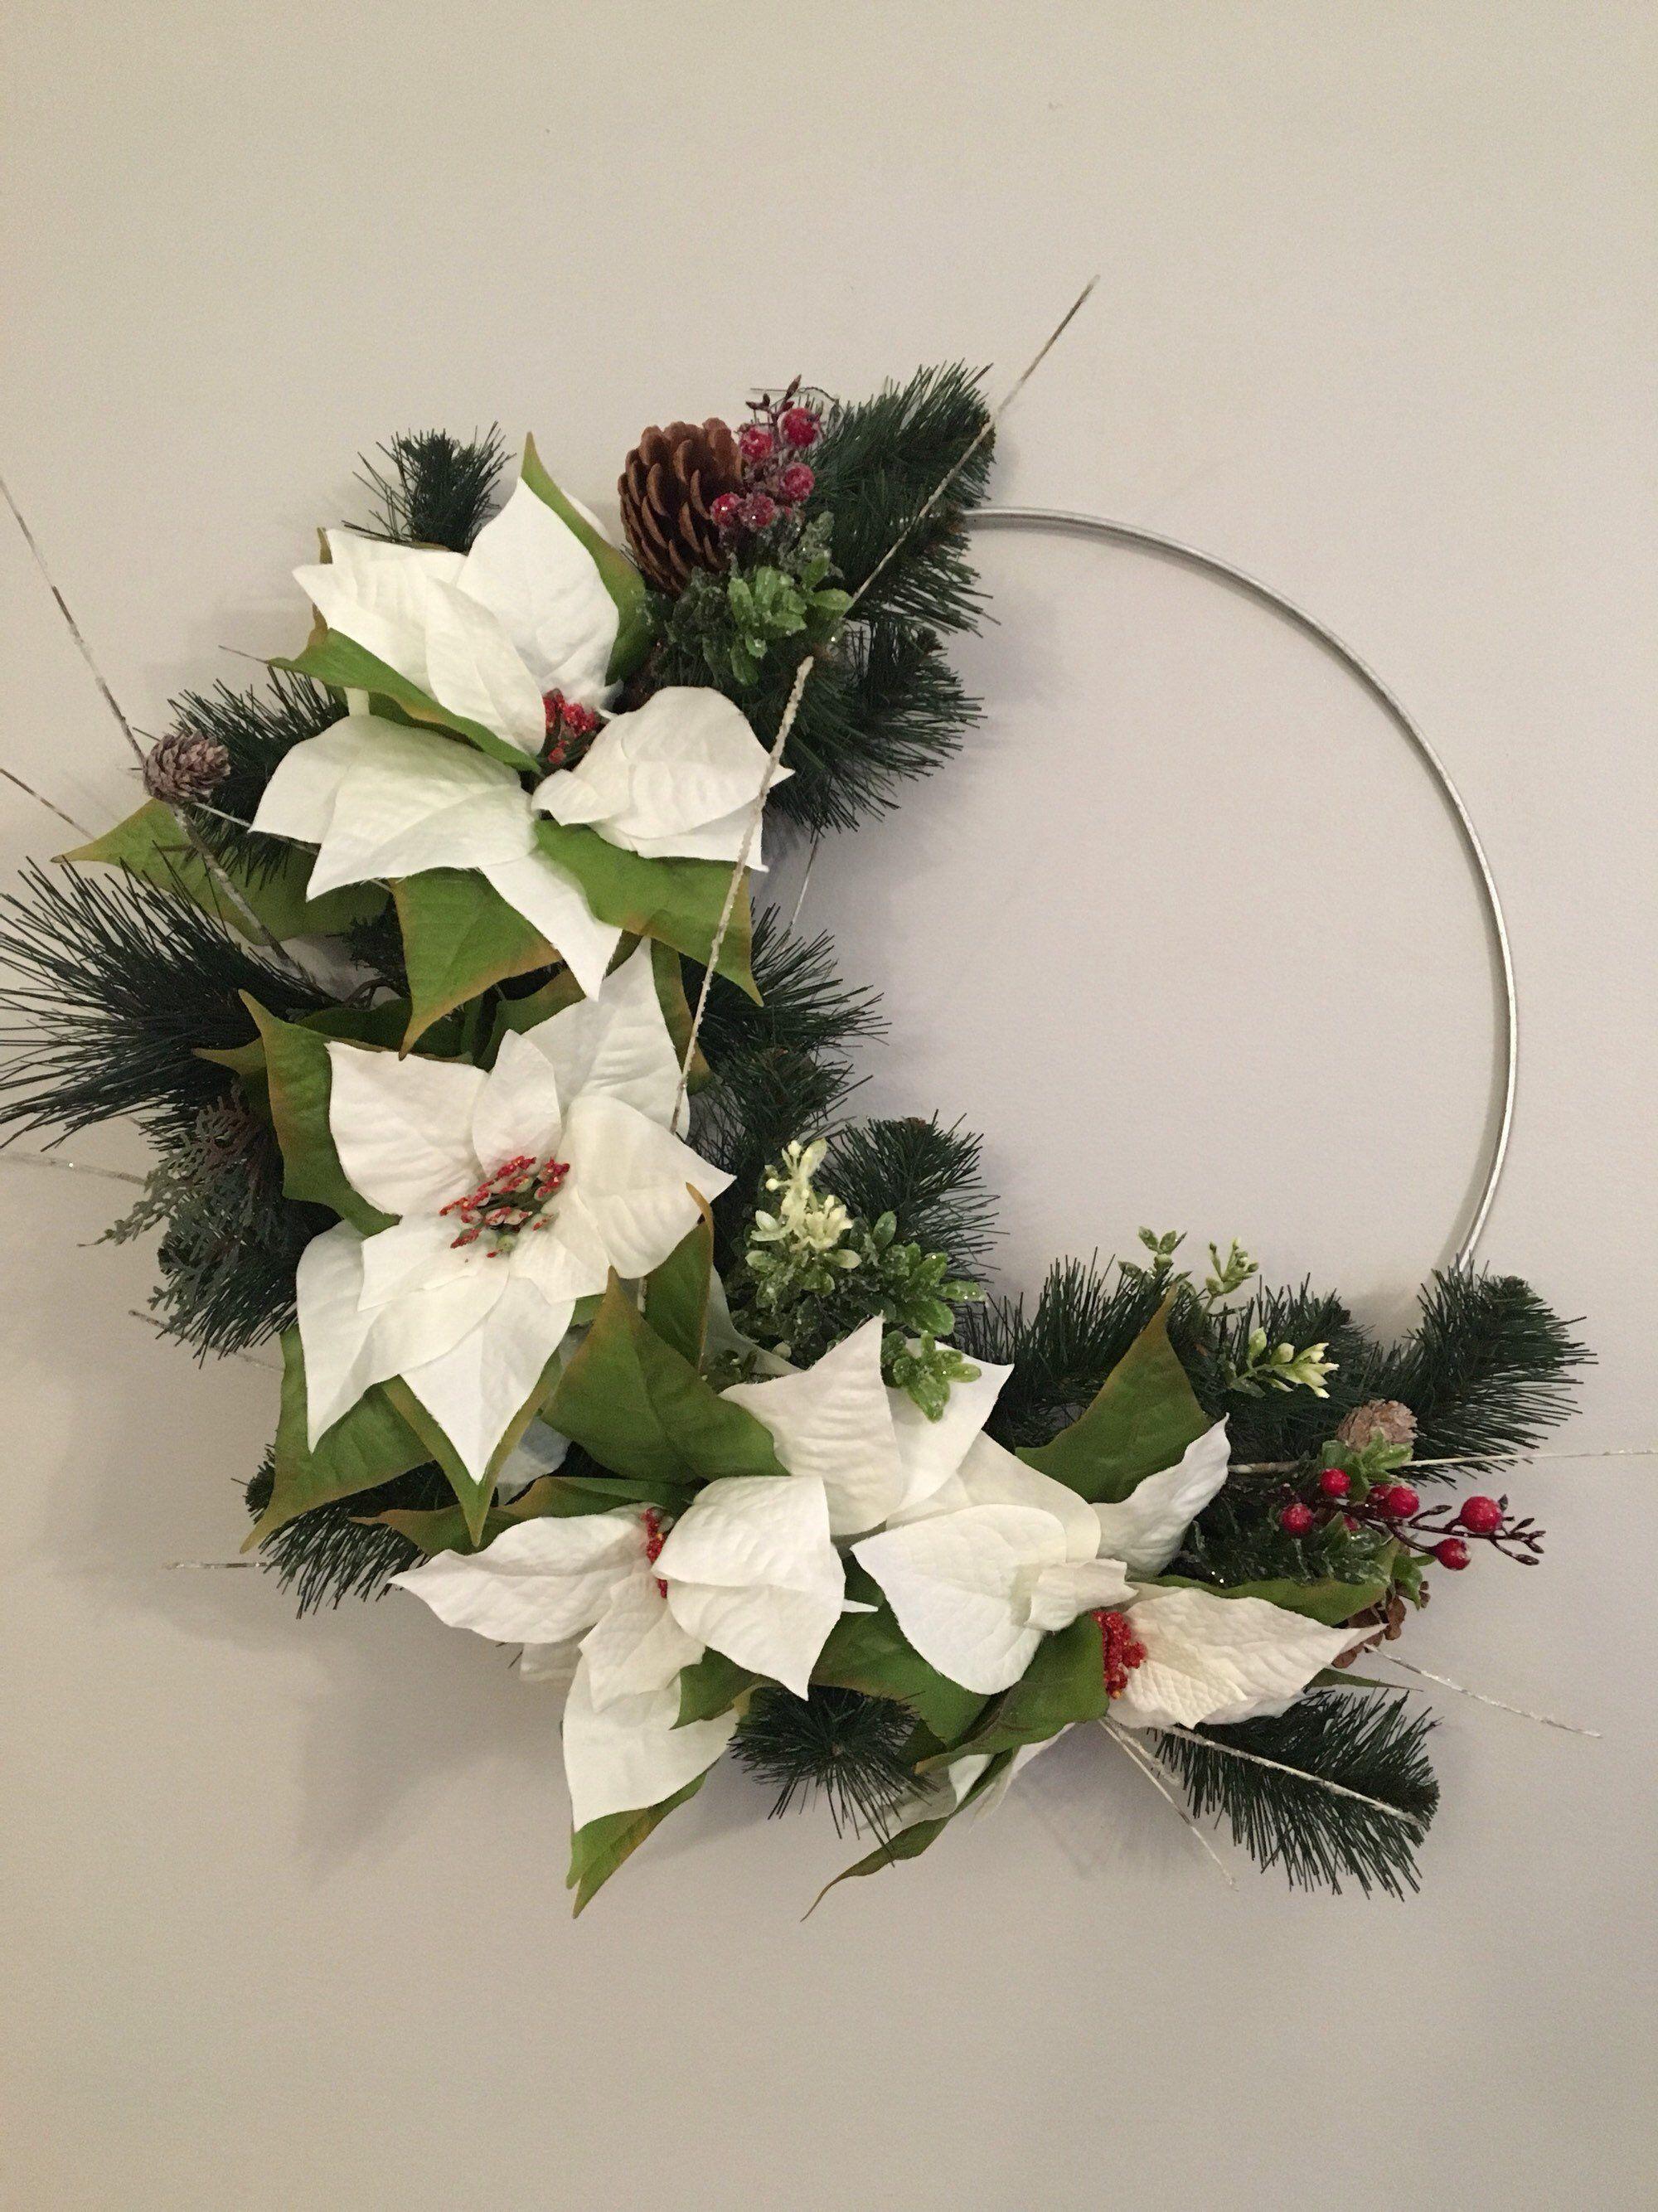 Metal Hoop Wreath Christmas Hoop Wreath Christmas Wreath Berry